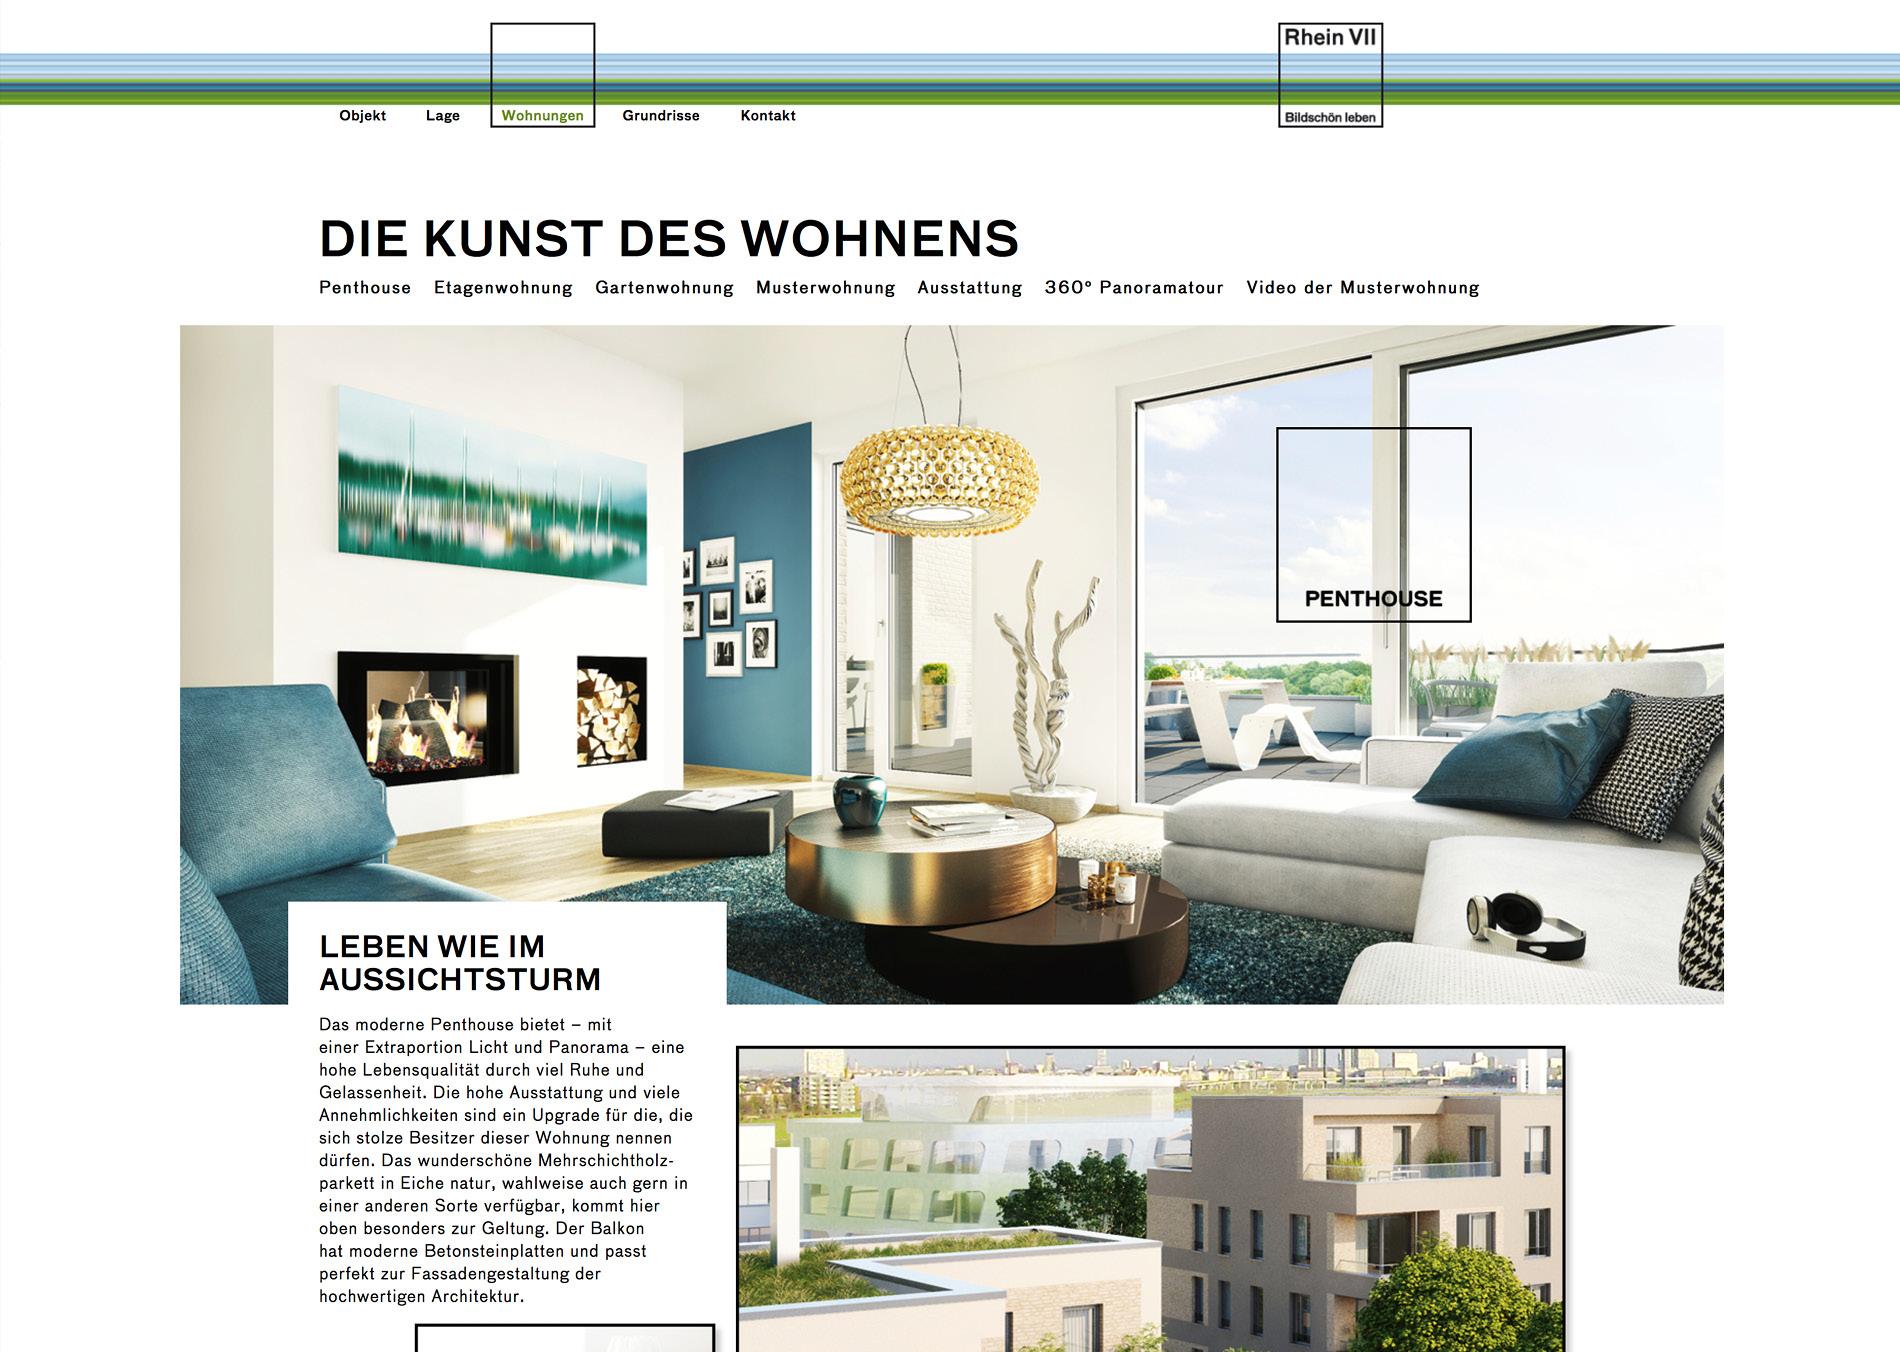 Website für das Standortmarketingkonzept für das Wohnquartier Rhein VII in Düsseldorf